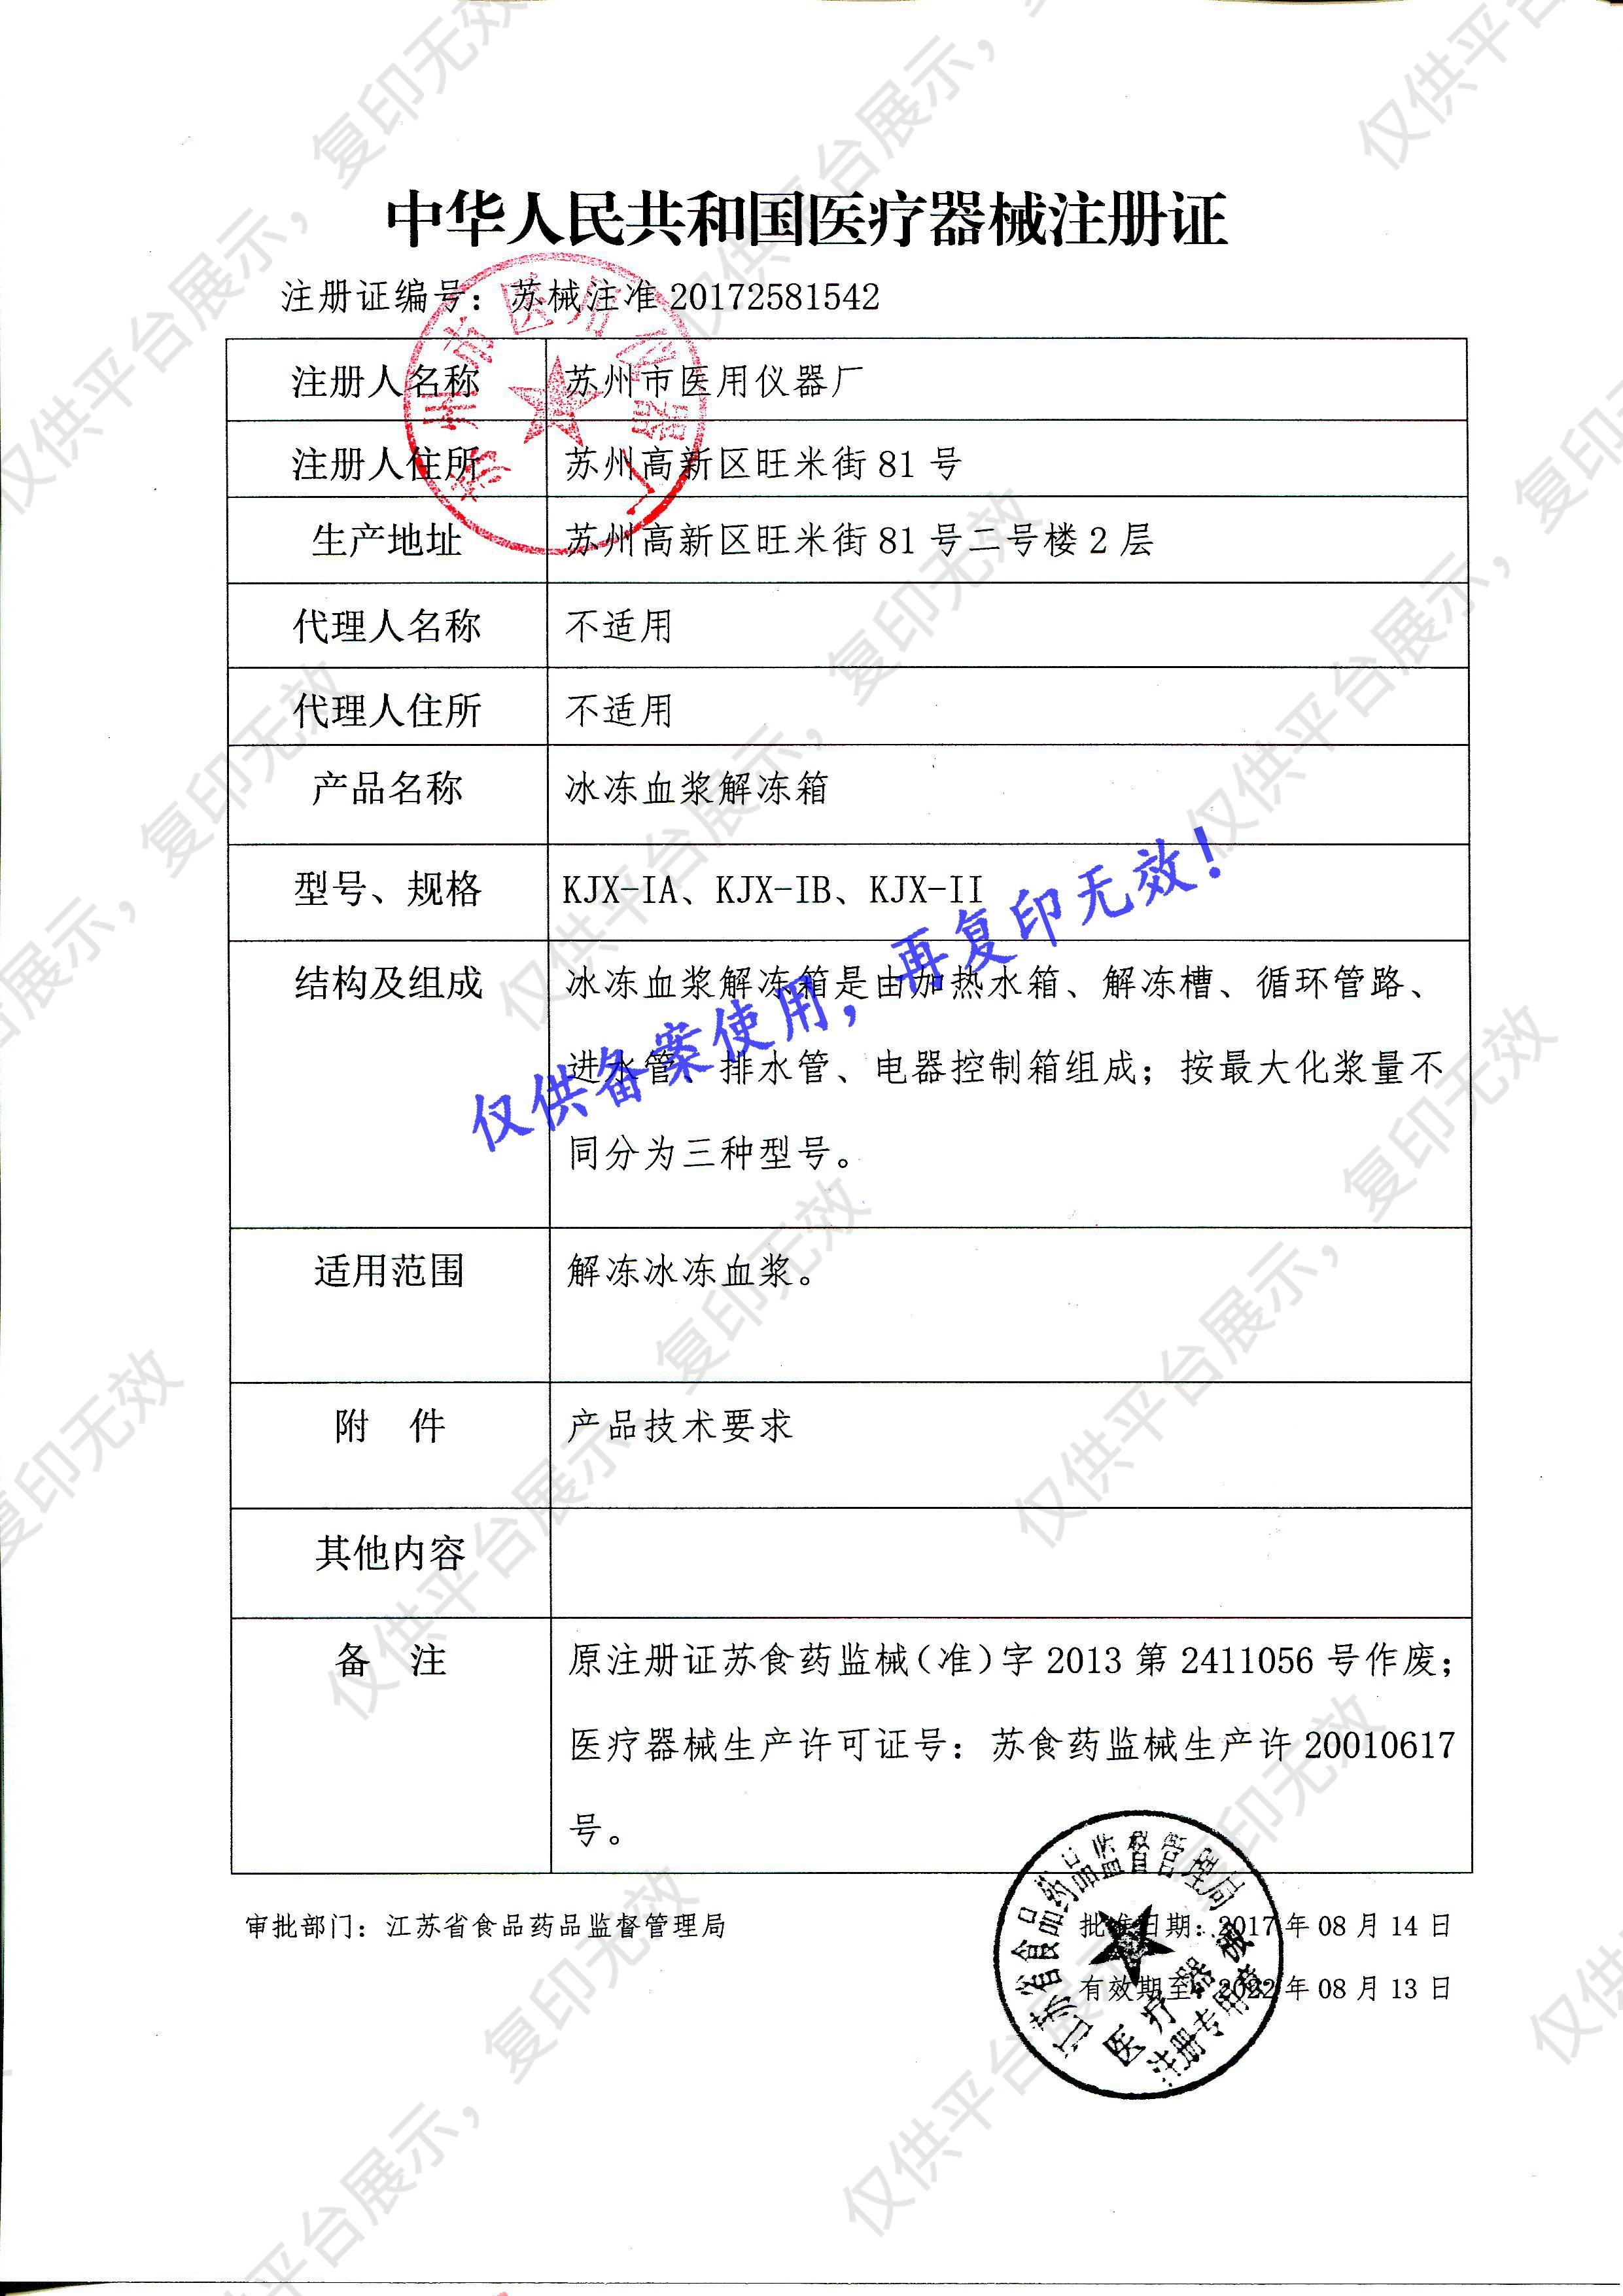 苏密科SZMIC 冰冻血浆解冻箱 KJX-ⅠB 型注册证